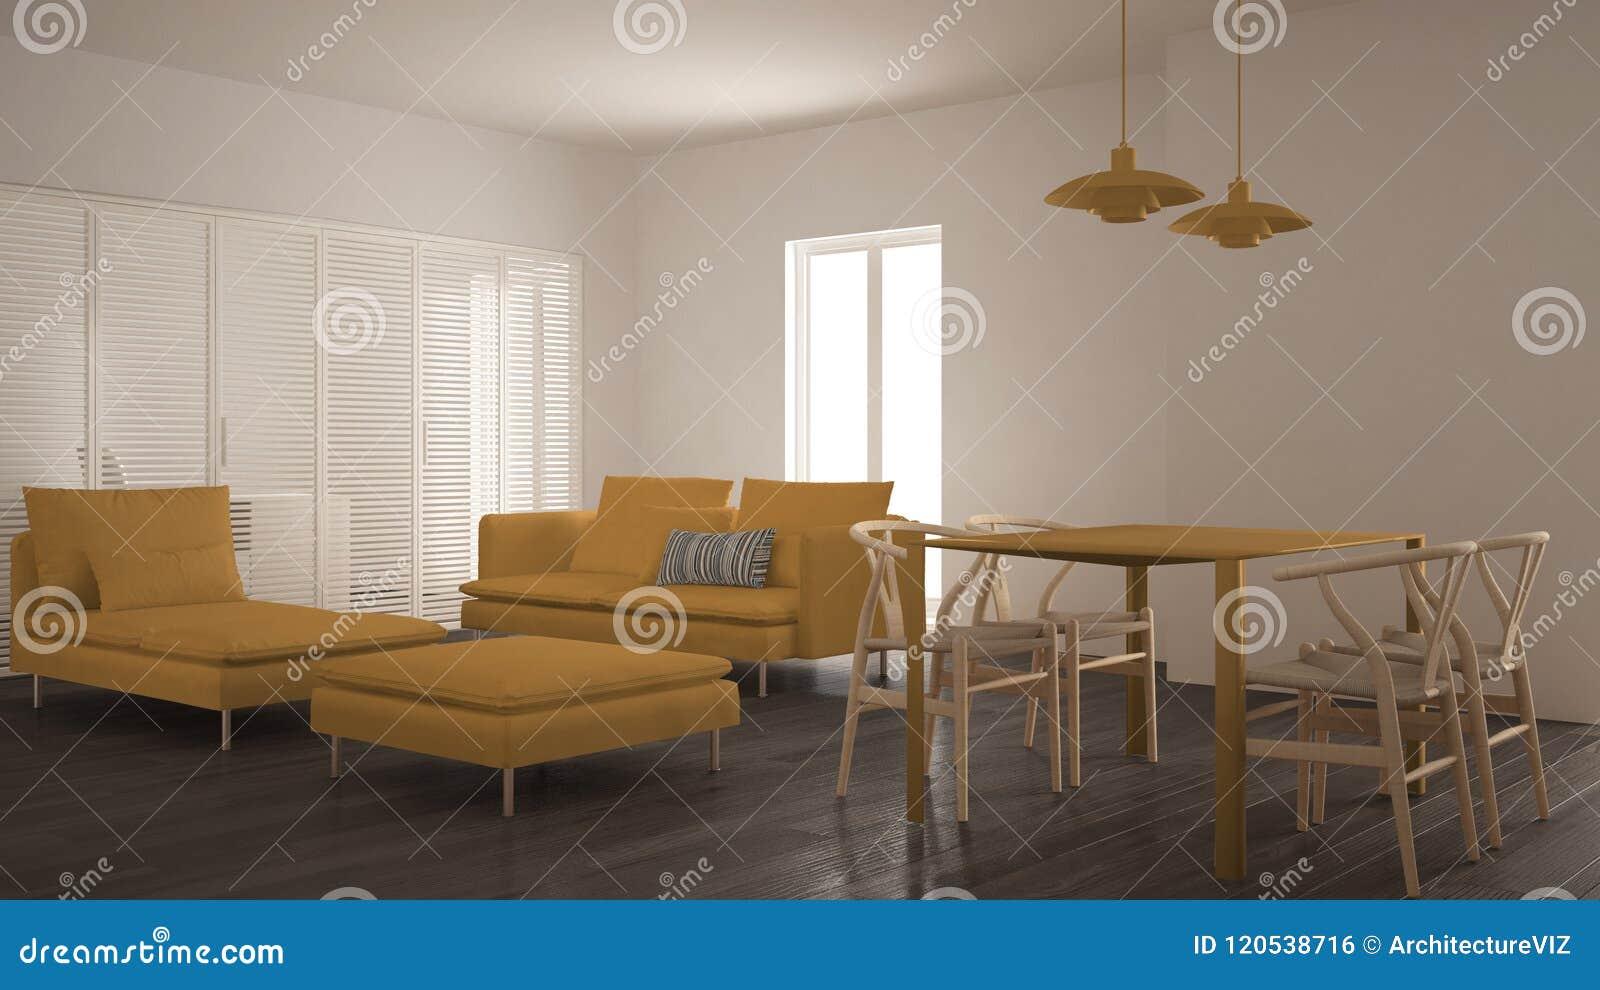 Avec Propre Et De Salon Porte Salle La Moderne Coulissante Table cSAjRLq543